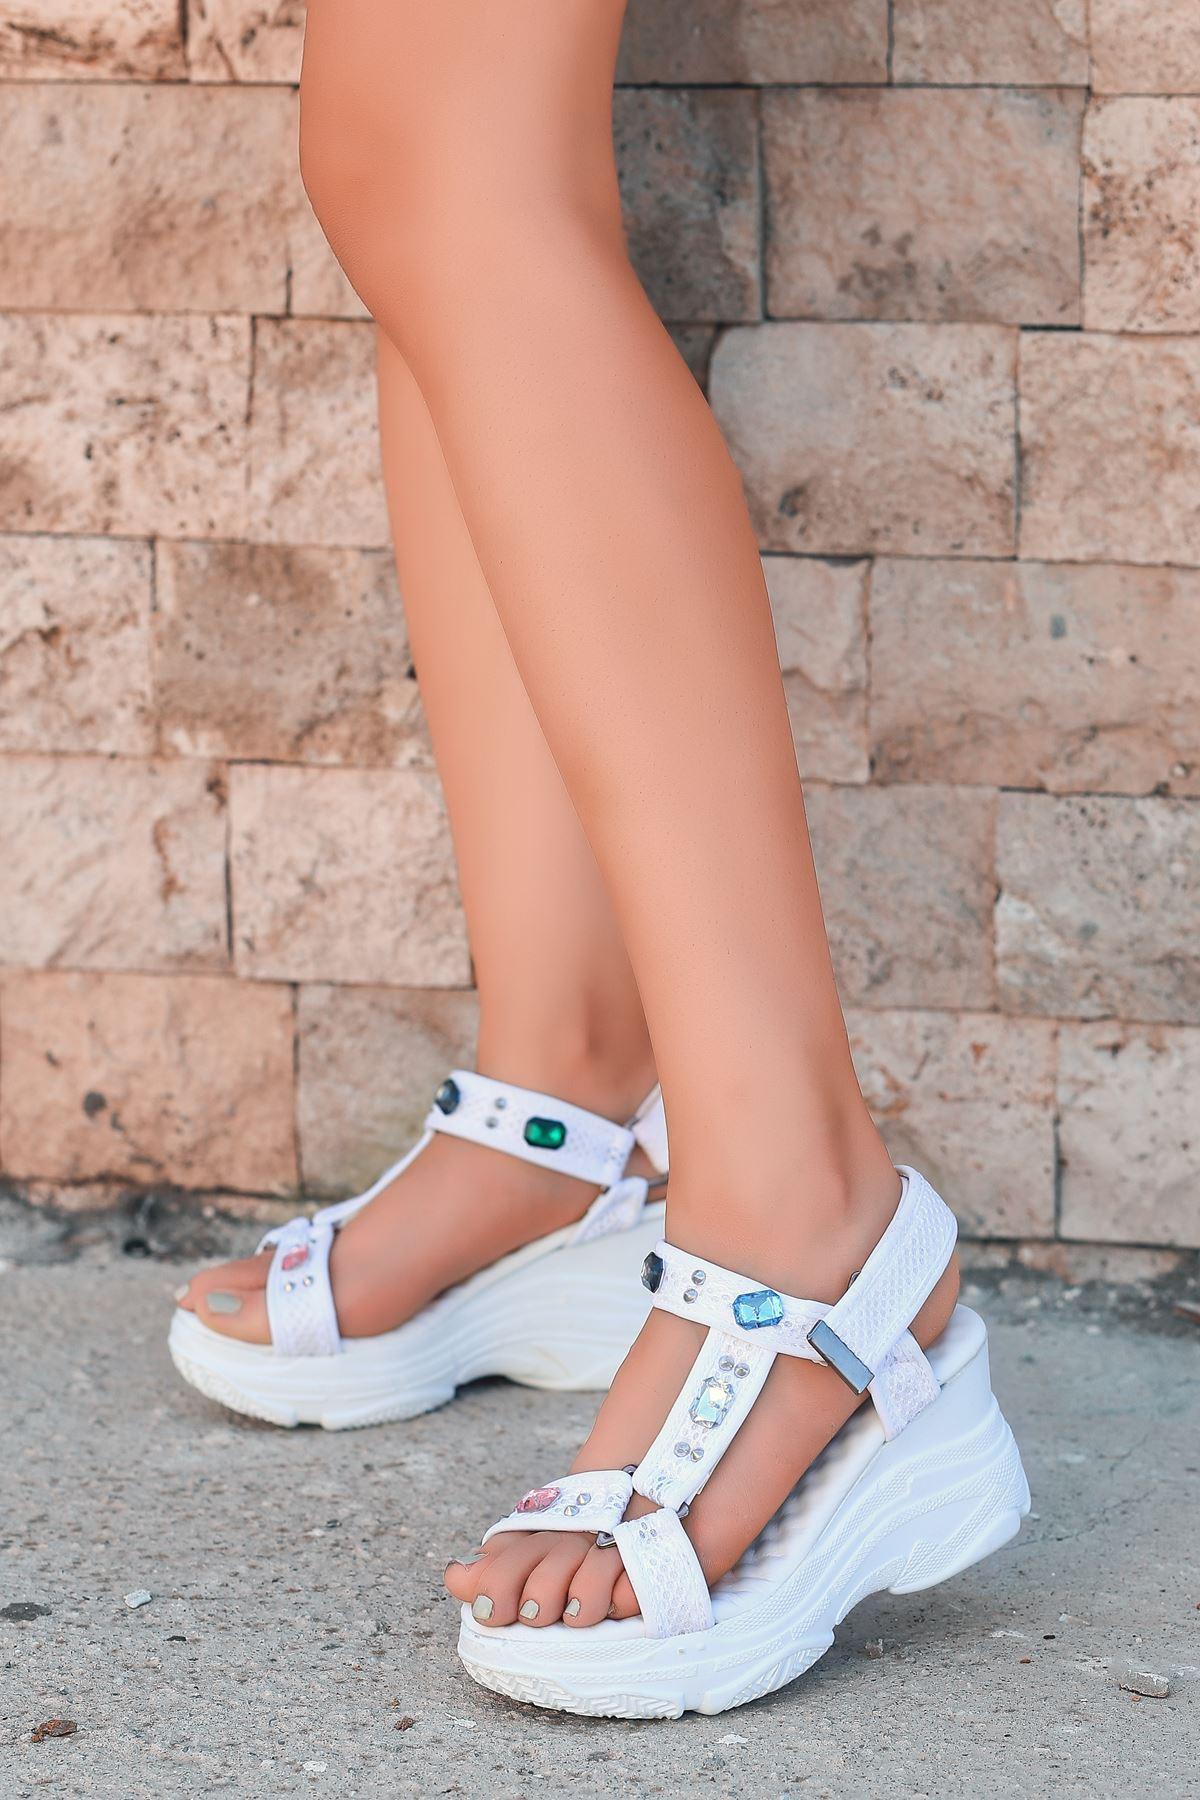 Melisa Taş Detay Dolgu Topuk Sandalet Beyaz